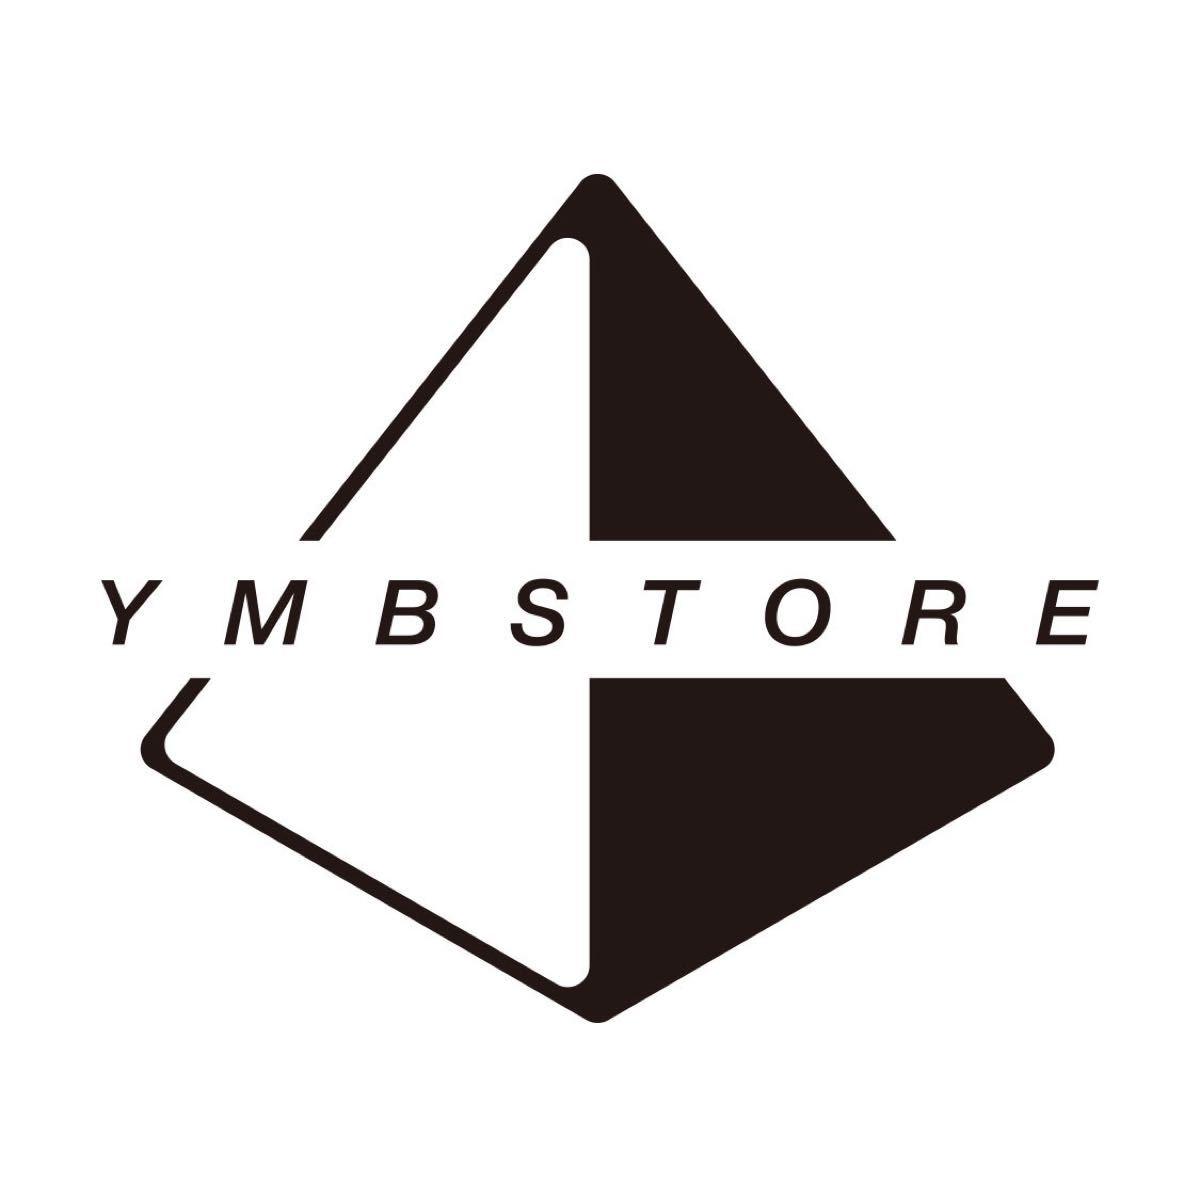 YMB STORE アウトドア 折りたたみ テーブル キャンプ ヘリノックス